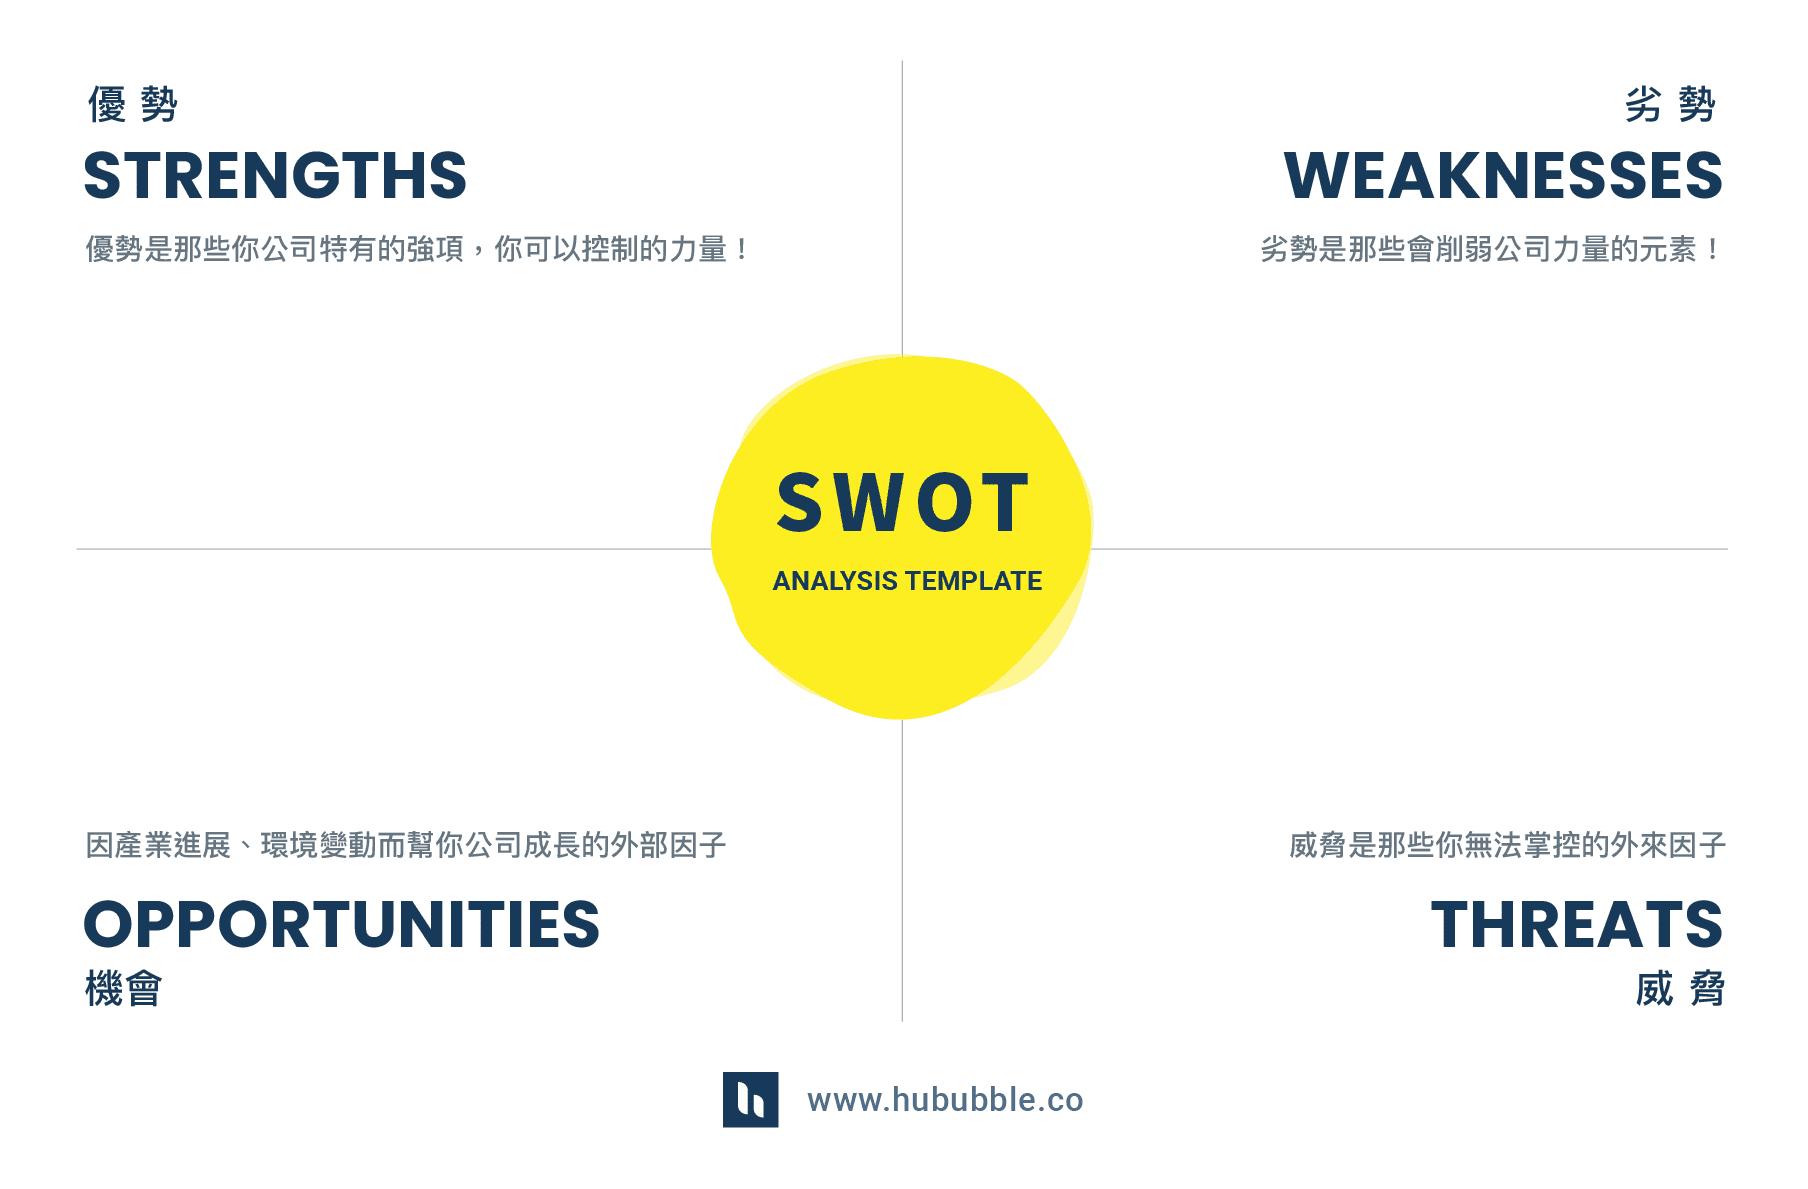 SWOT 分析